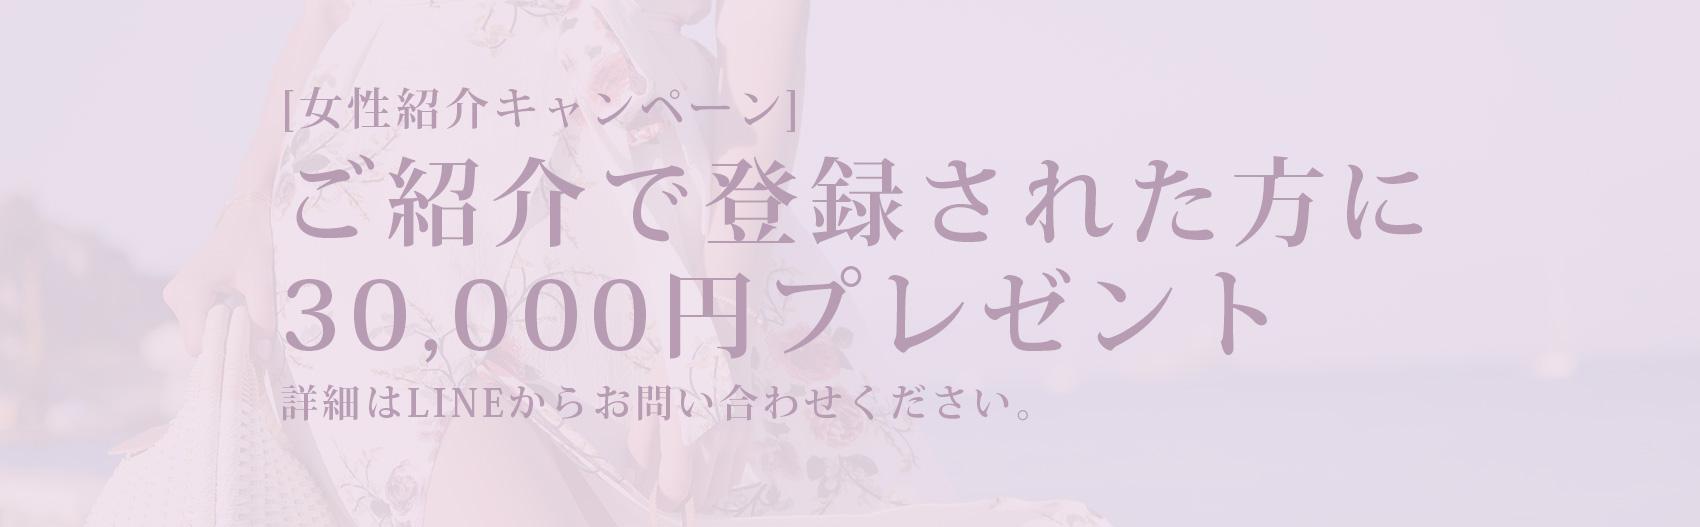 [女性紹介キャンペーン] ご紹介で登録された方に30,000円プレゼント